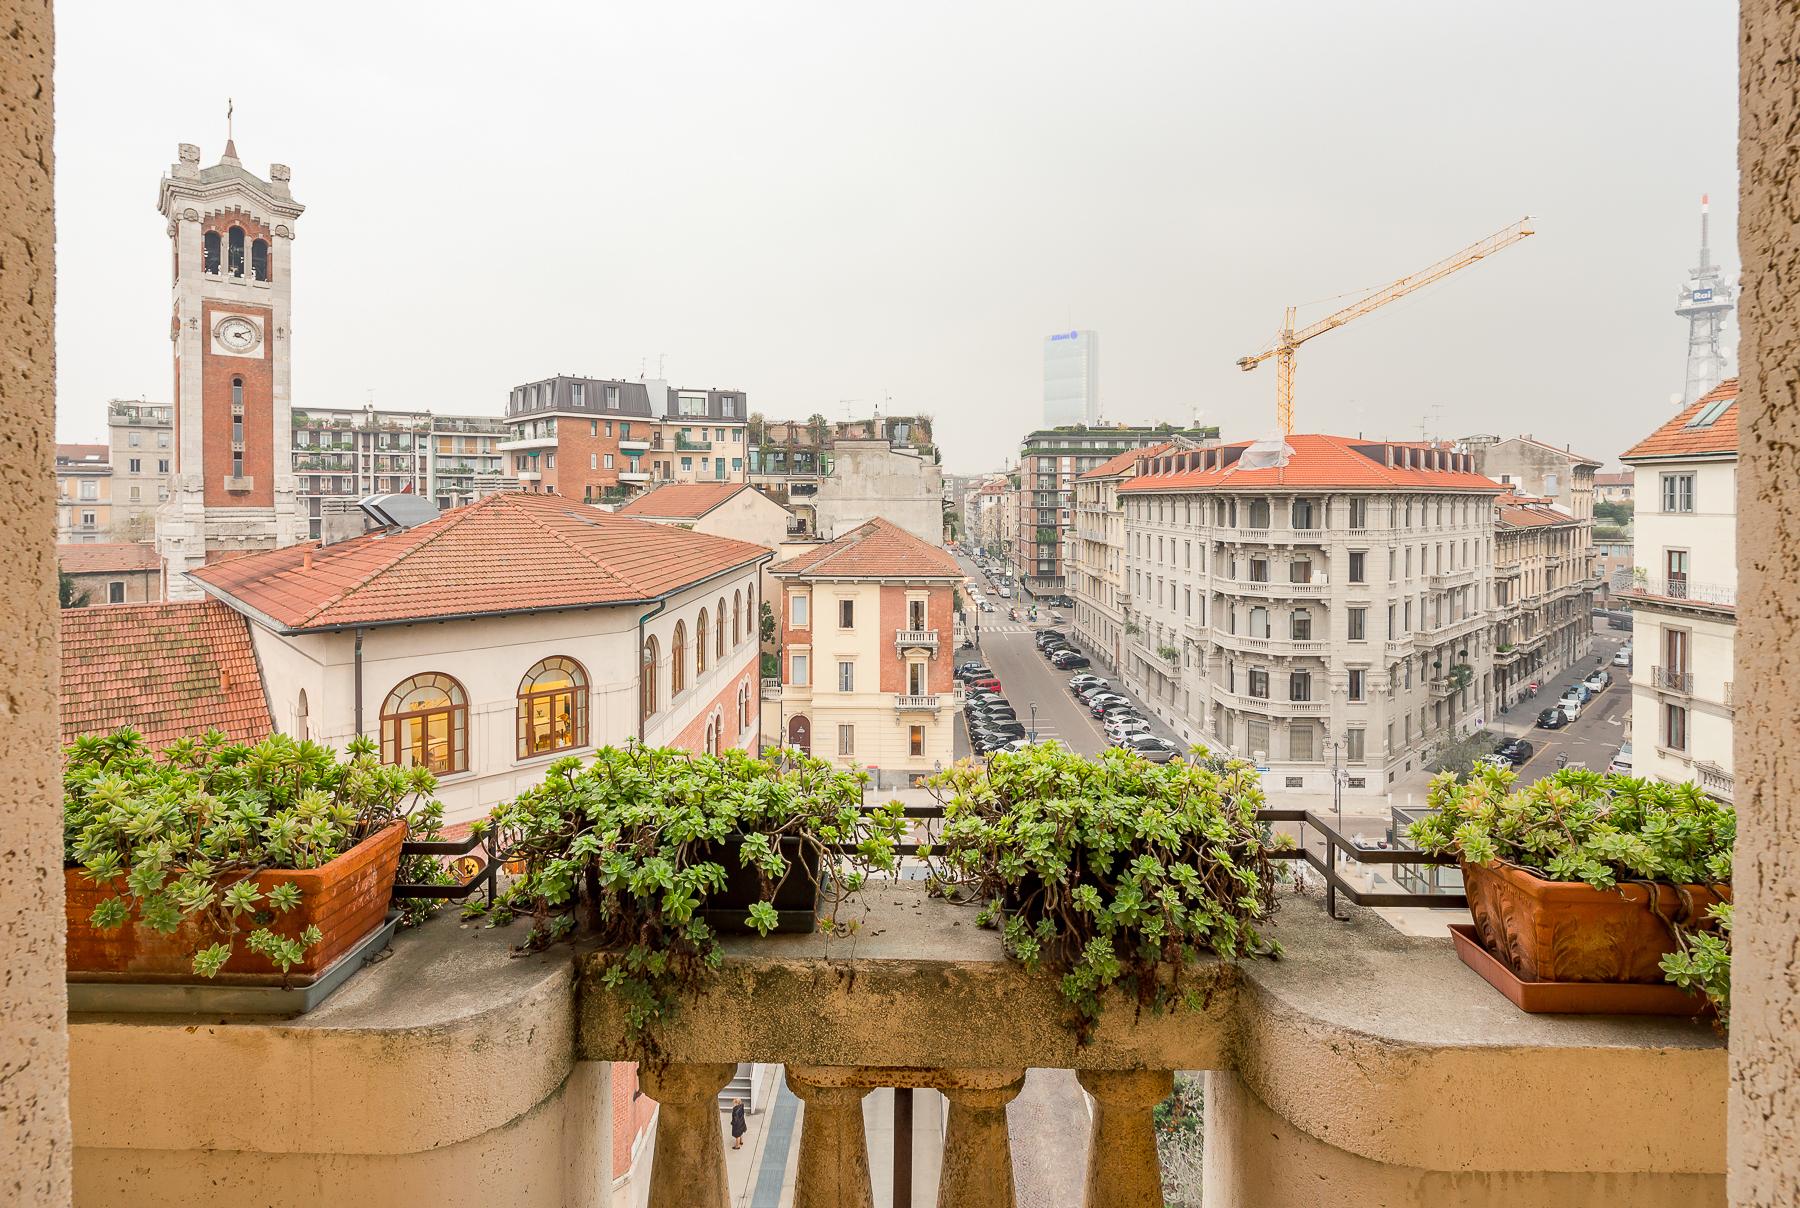 Attico in Vendita a Milano via francesco domenico guerrazzi